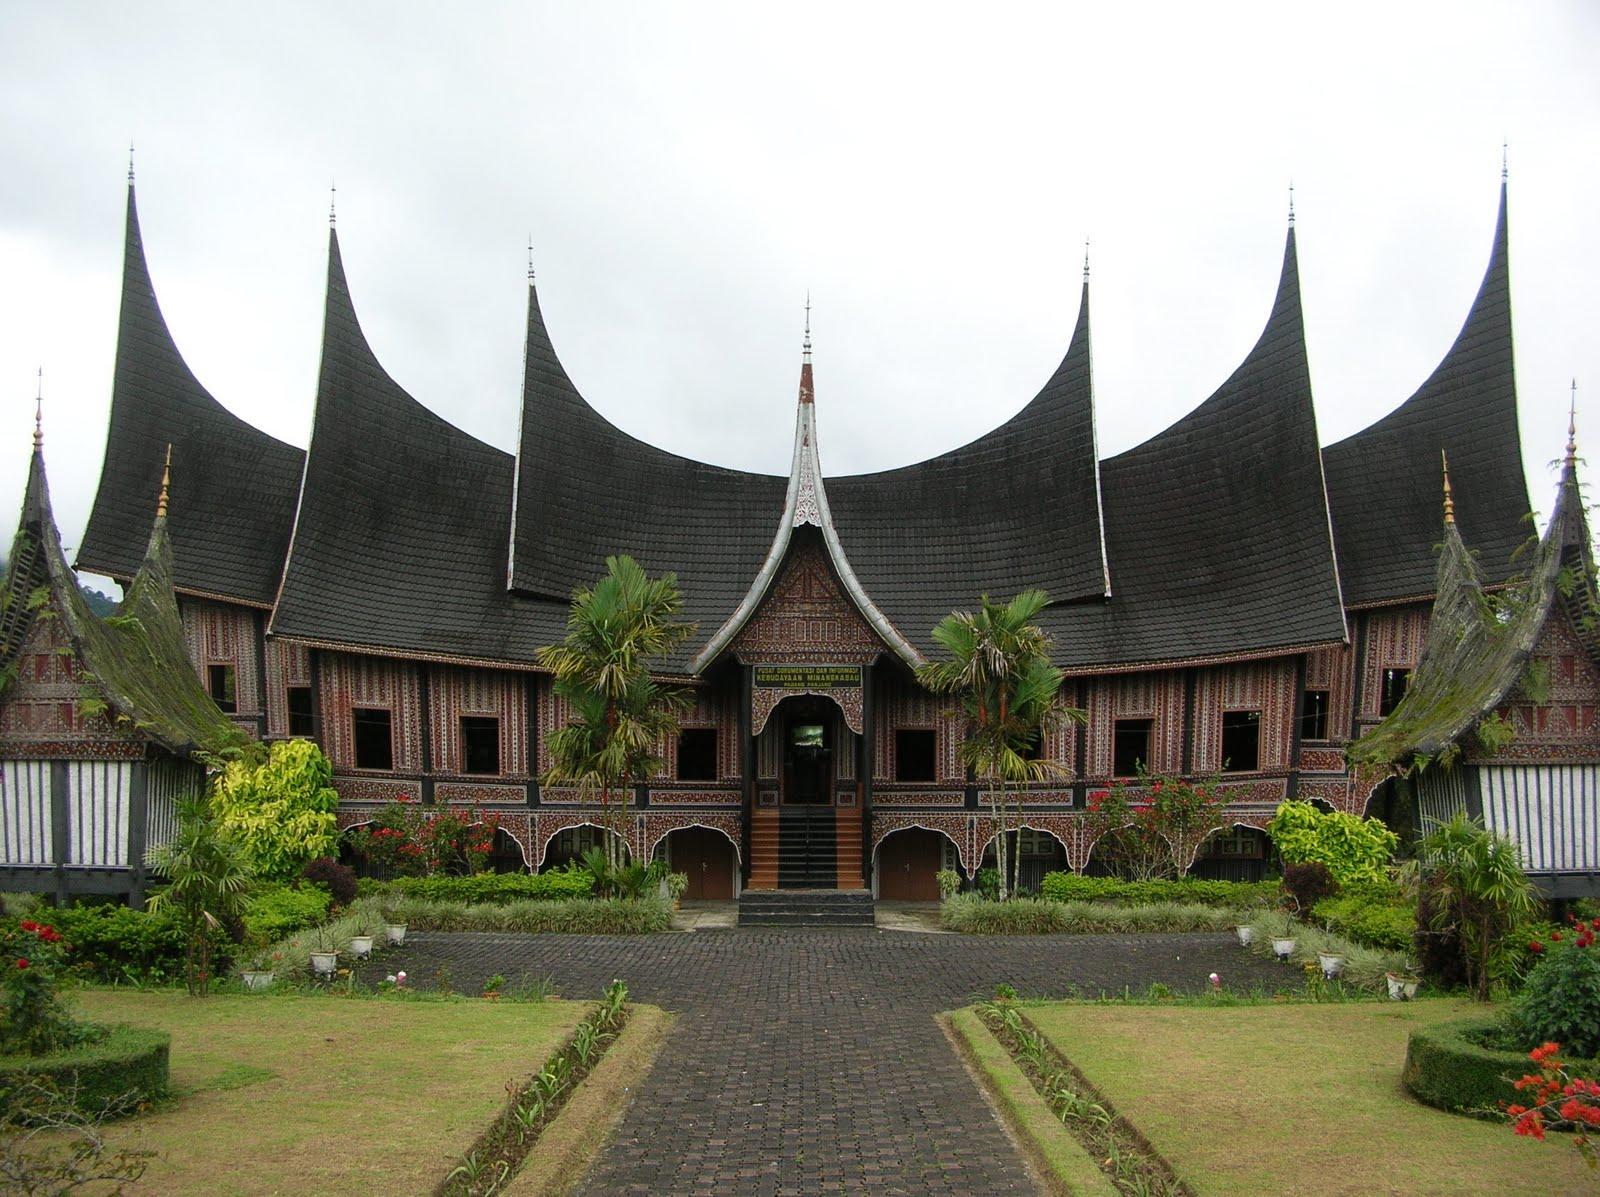 souls of malaysia: Negeri Sembilan